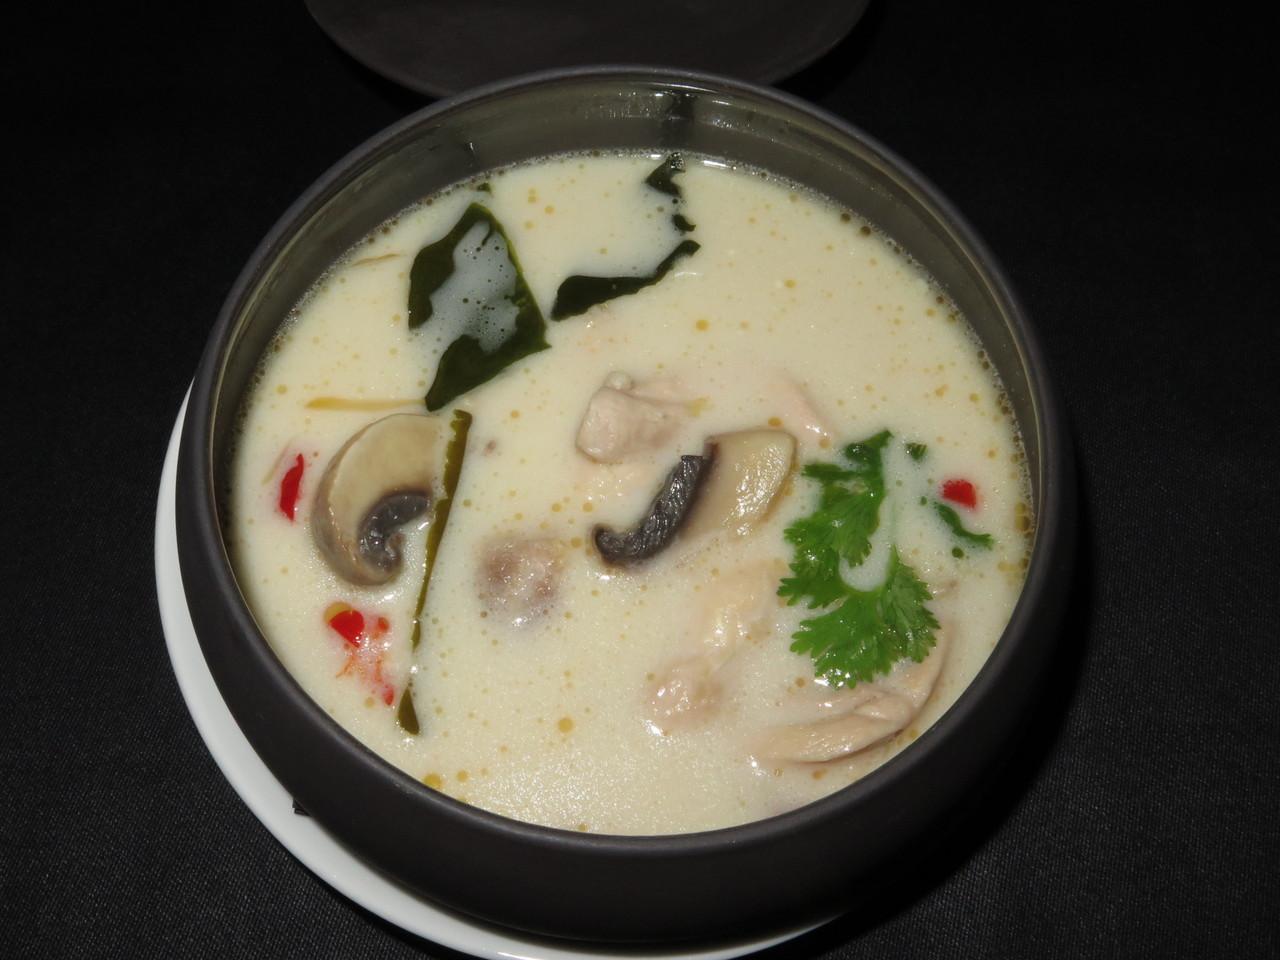 Tom - Kha - Gai | Caldo de coco e galinha